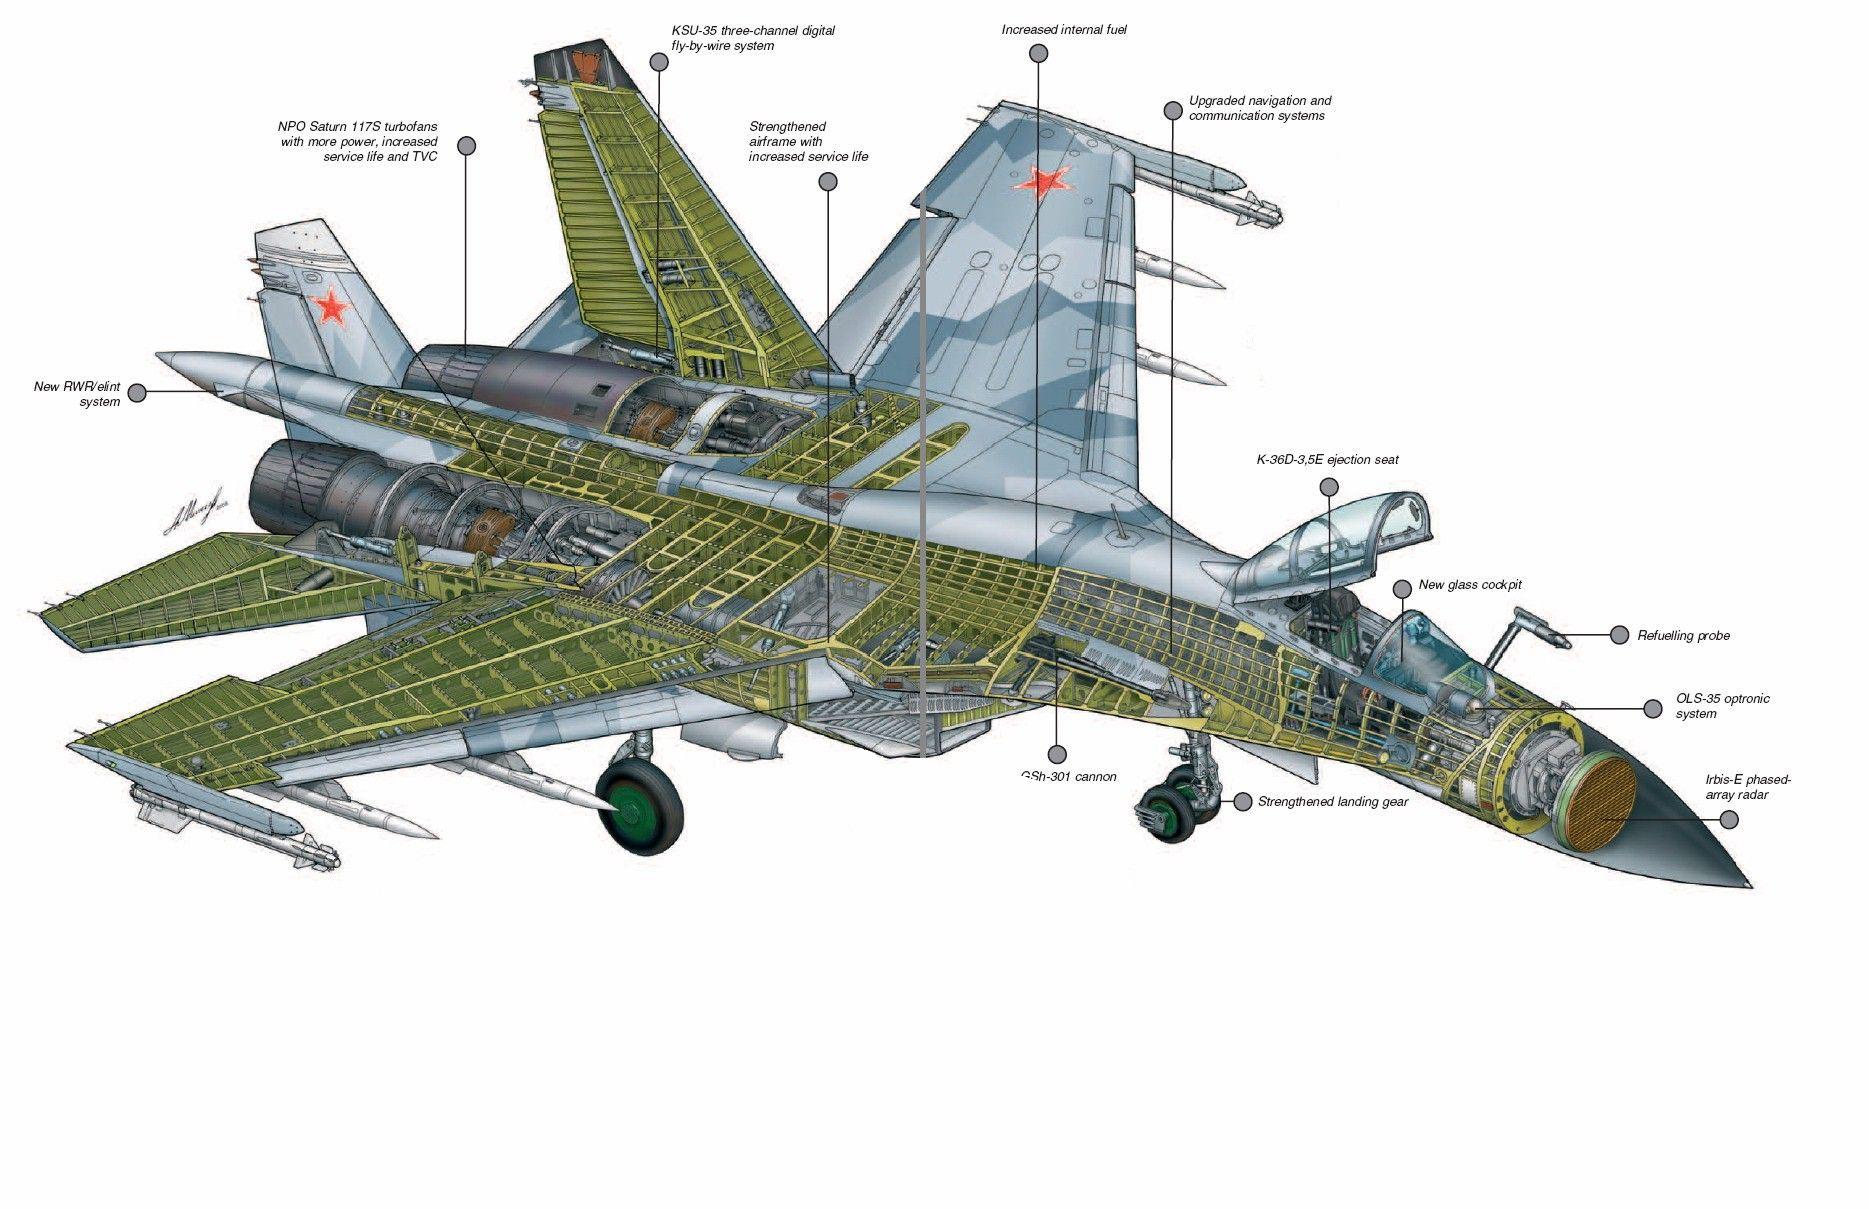 Sukhoi Su-35 cutaway